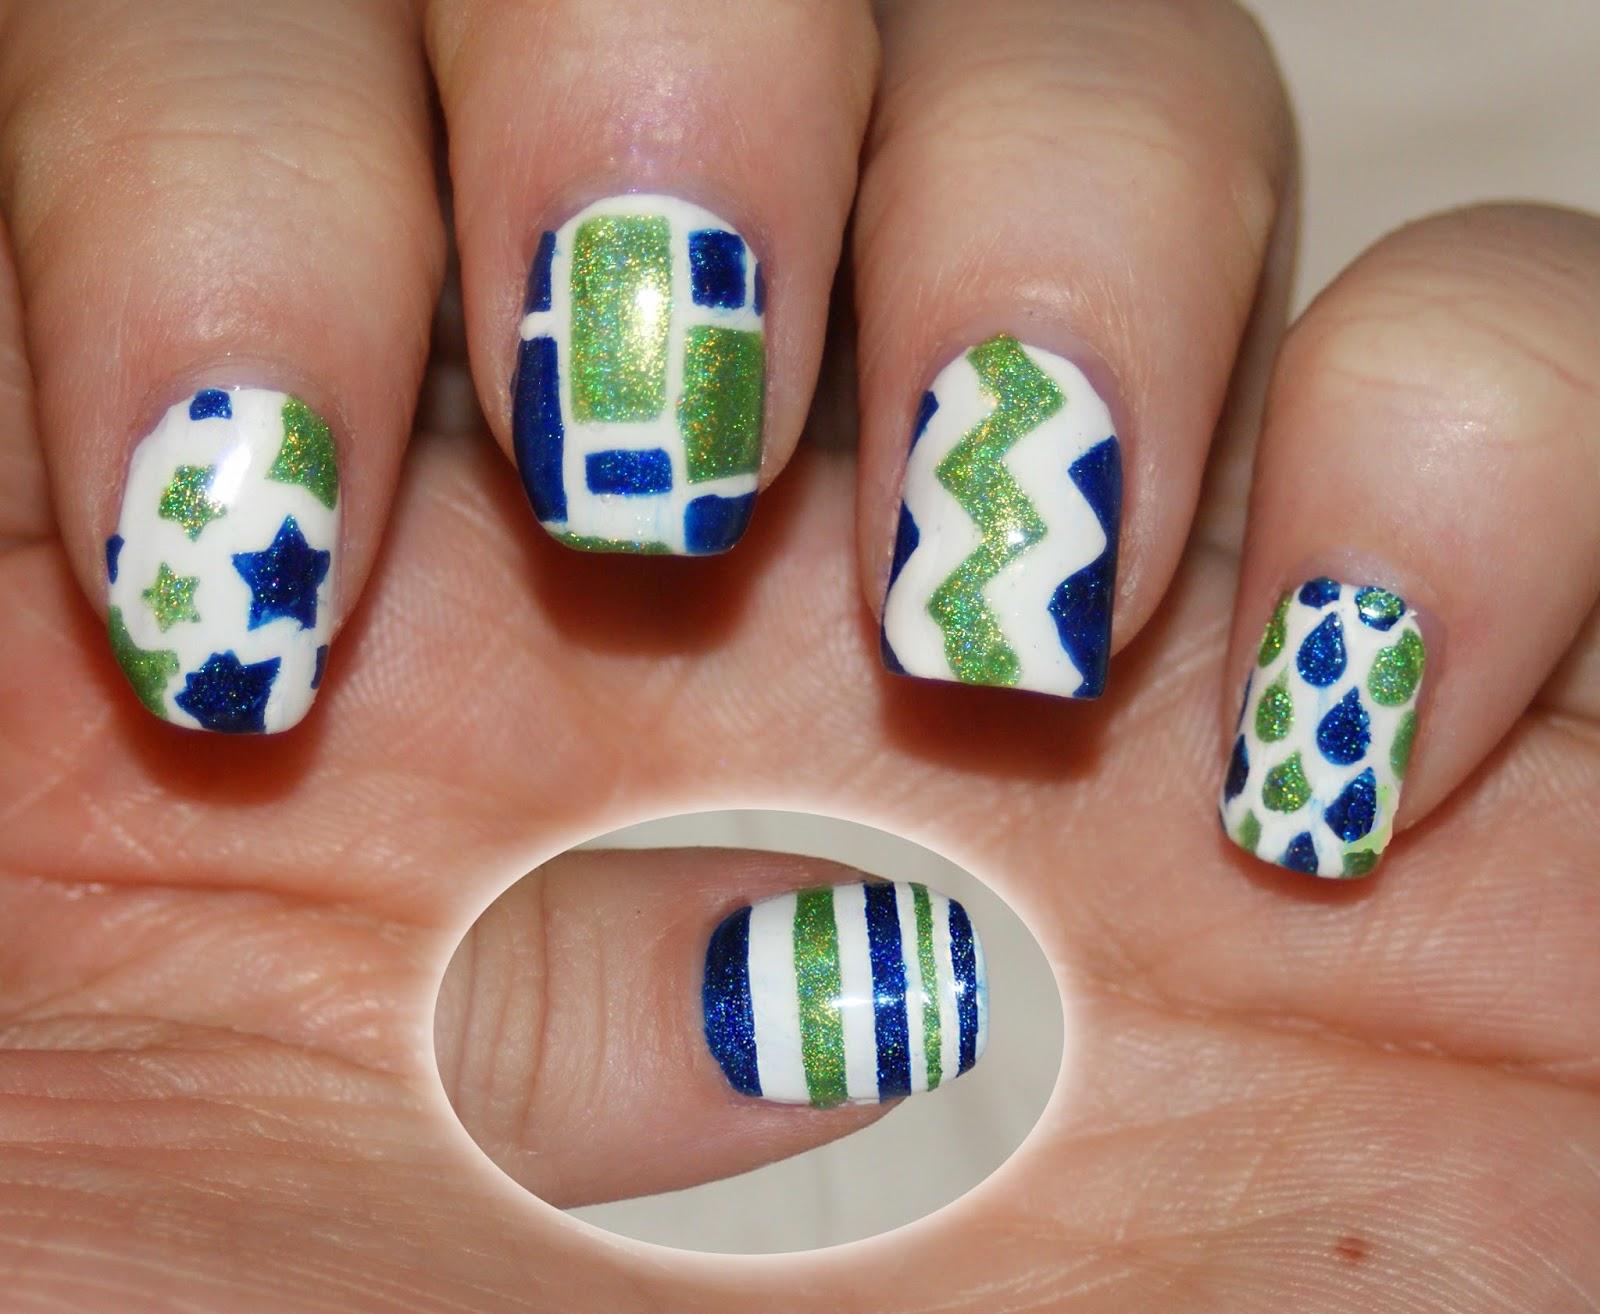 Princess Polish Seahawks Blue And Green Nail Art